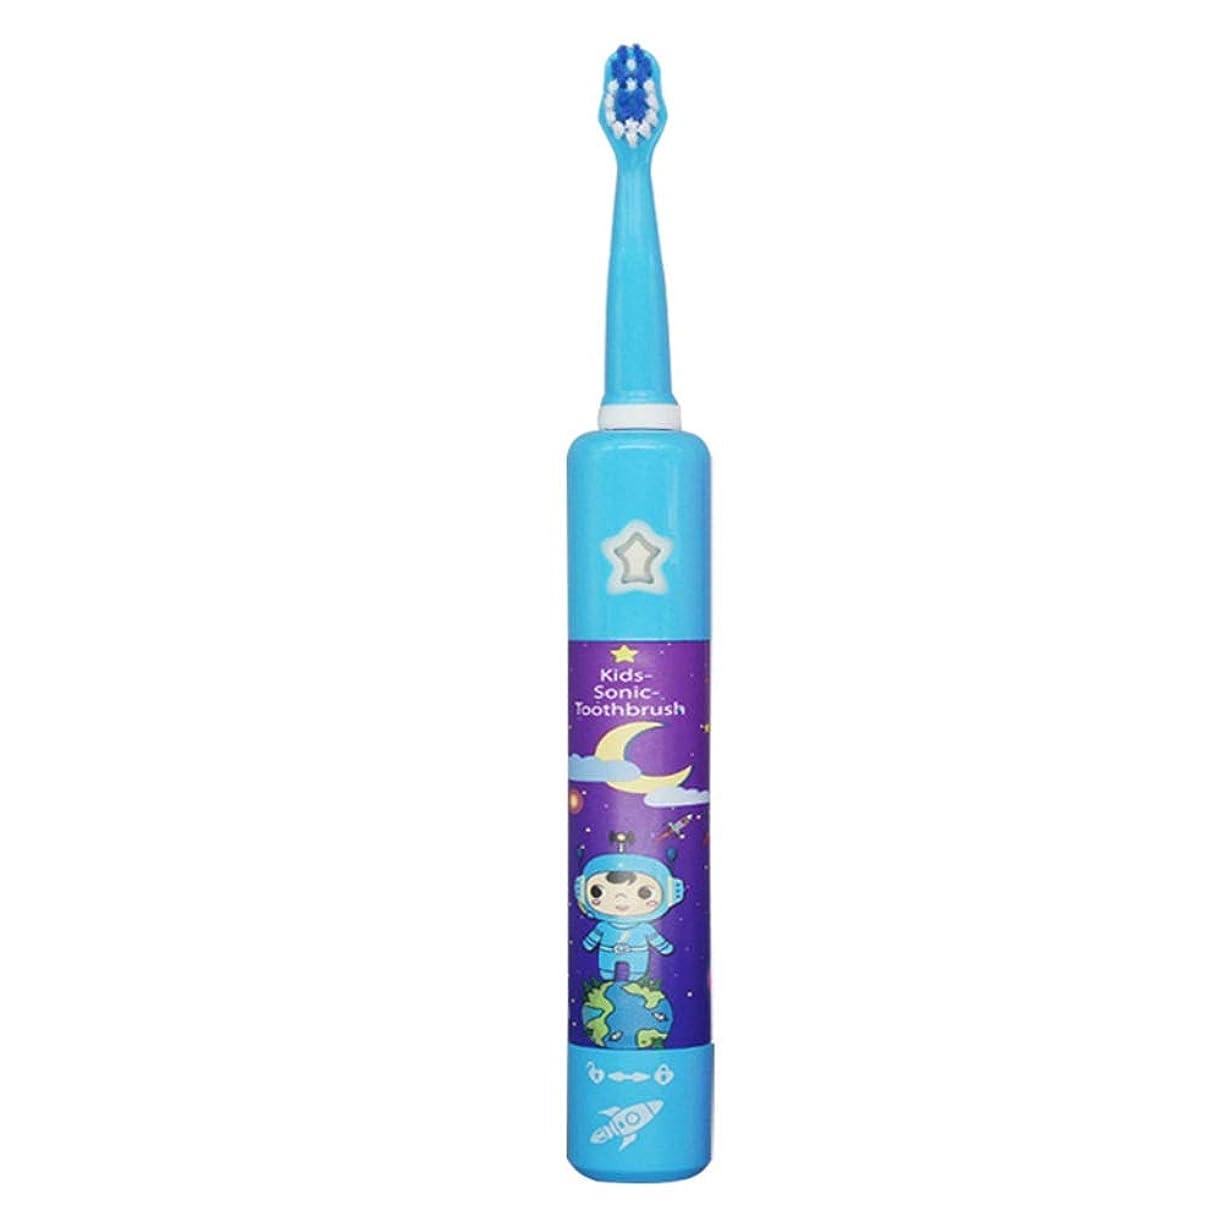 重要性鹿国籍電動歯ブラシ 子供の電気USB充電式歯ブラシかわいい柔らかい髪音楽歯ブラシホルダーと1つの交換用ヘッド (色 : 青, サイズ : Free size)